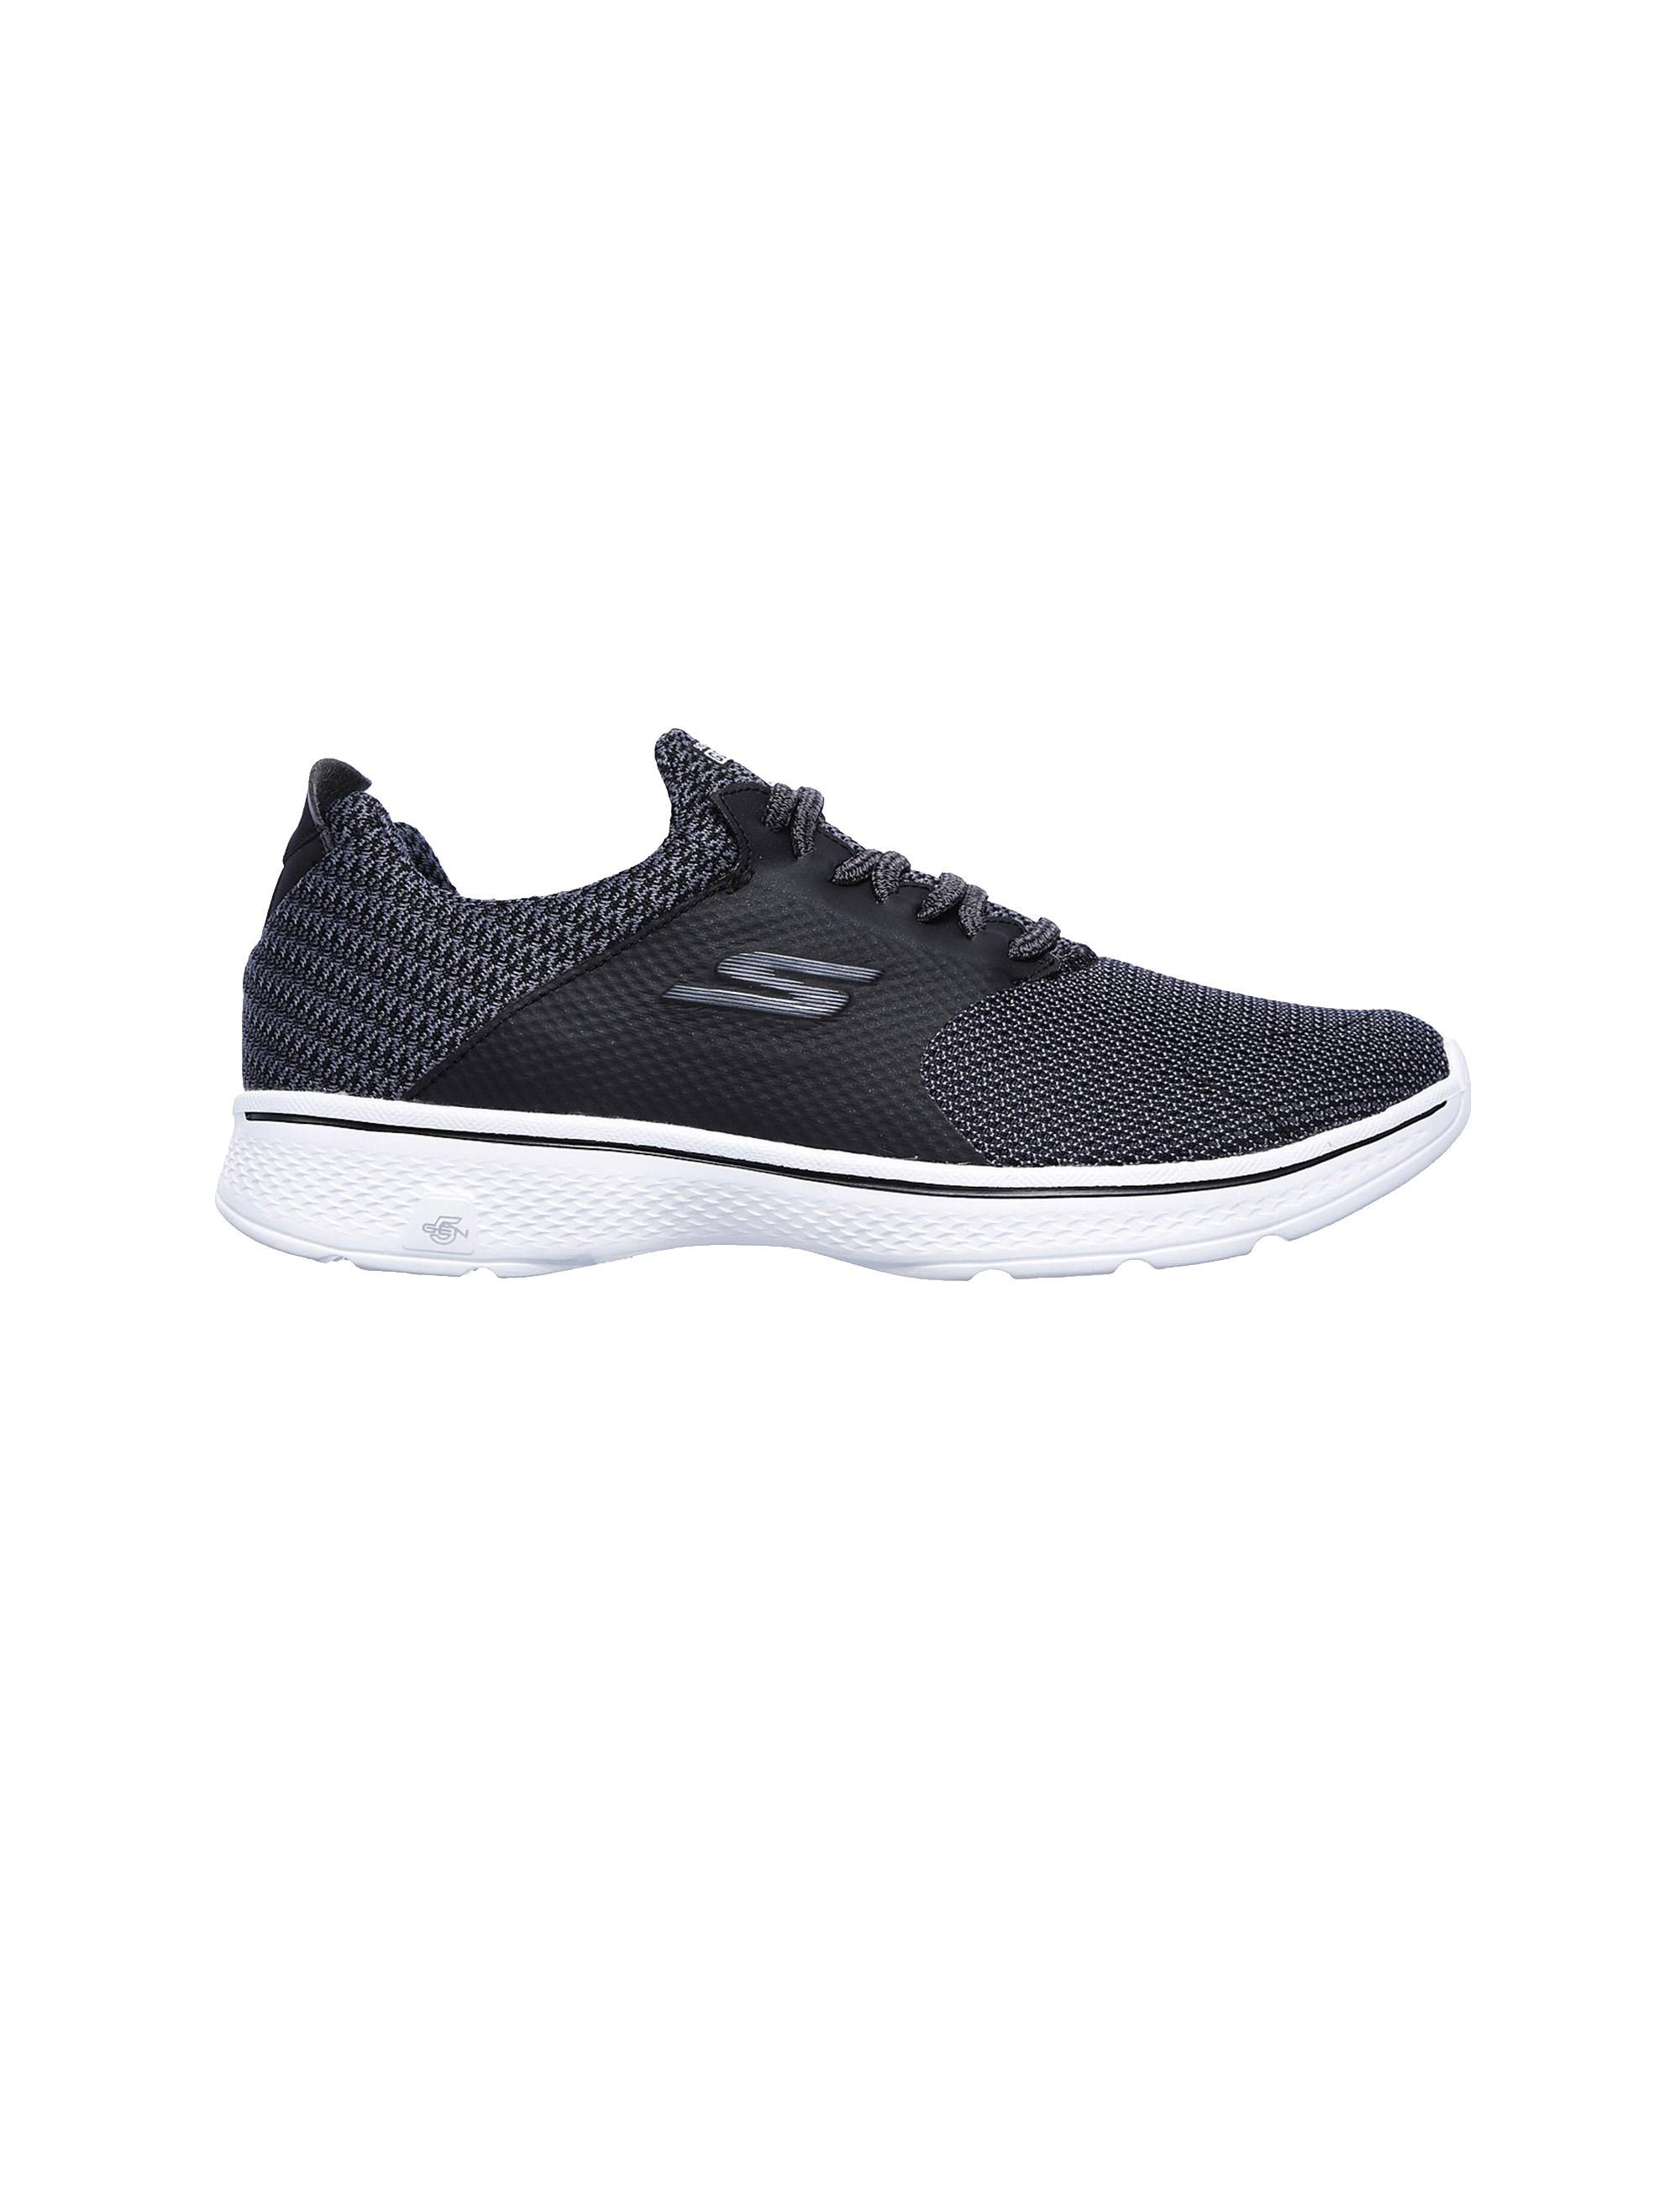 قیمت کفش پیاده روی بندی مردانه GOwalk 4 Instinct - اسکچرز